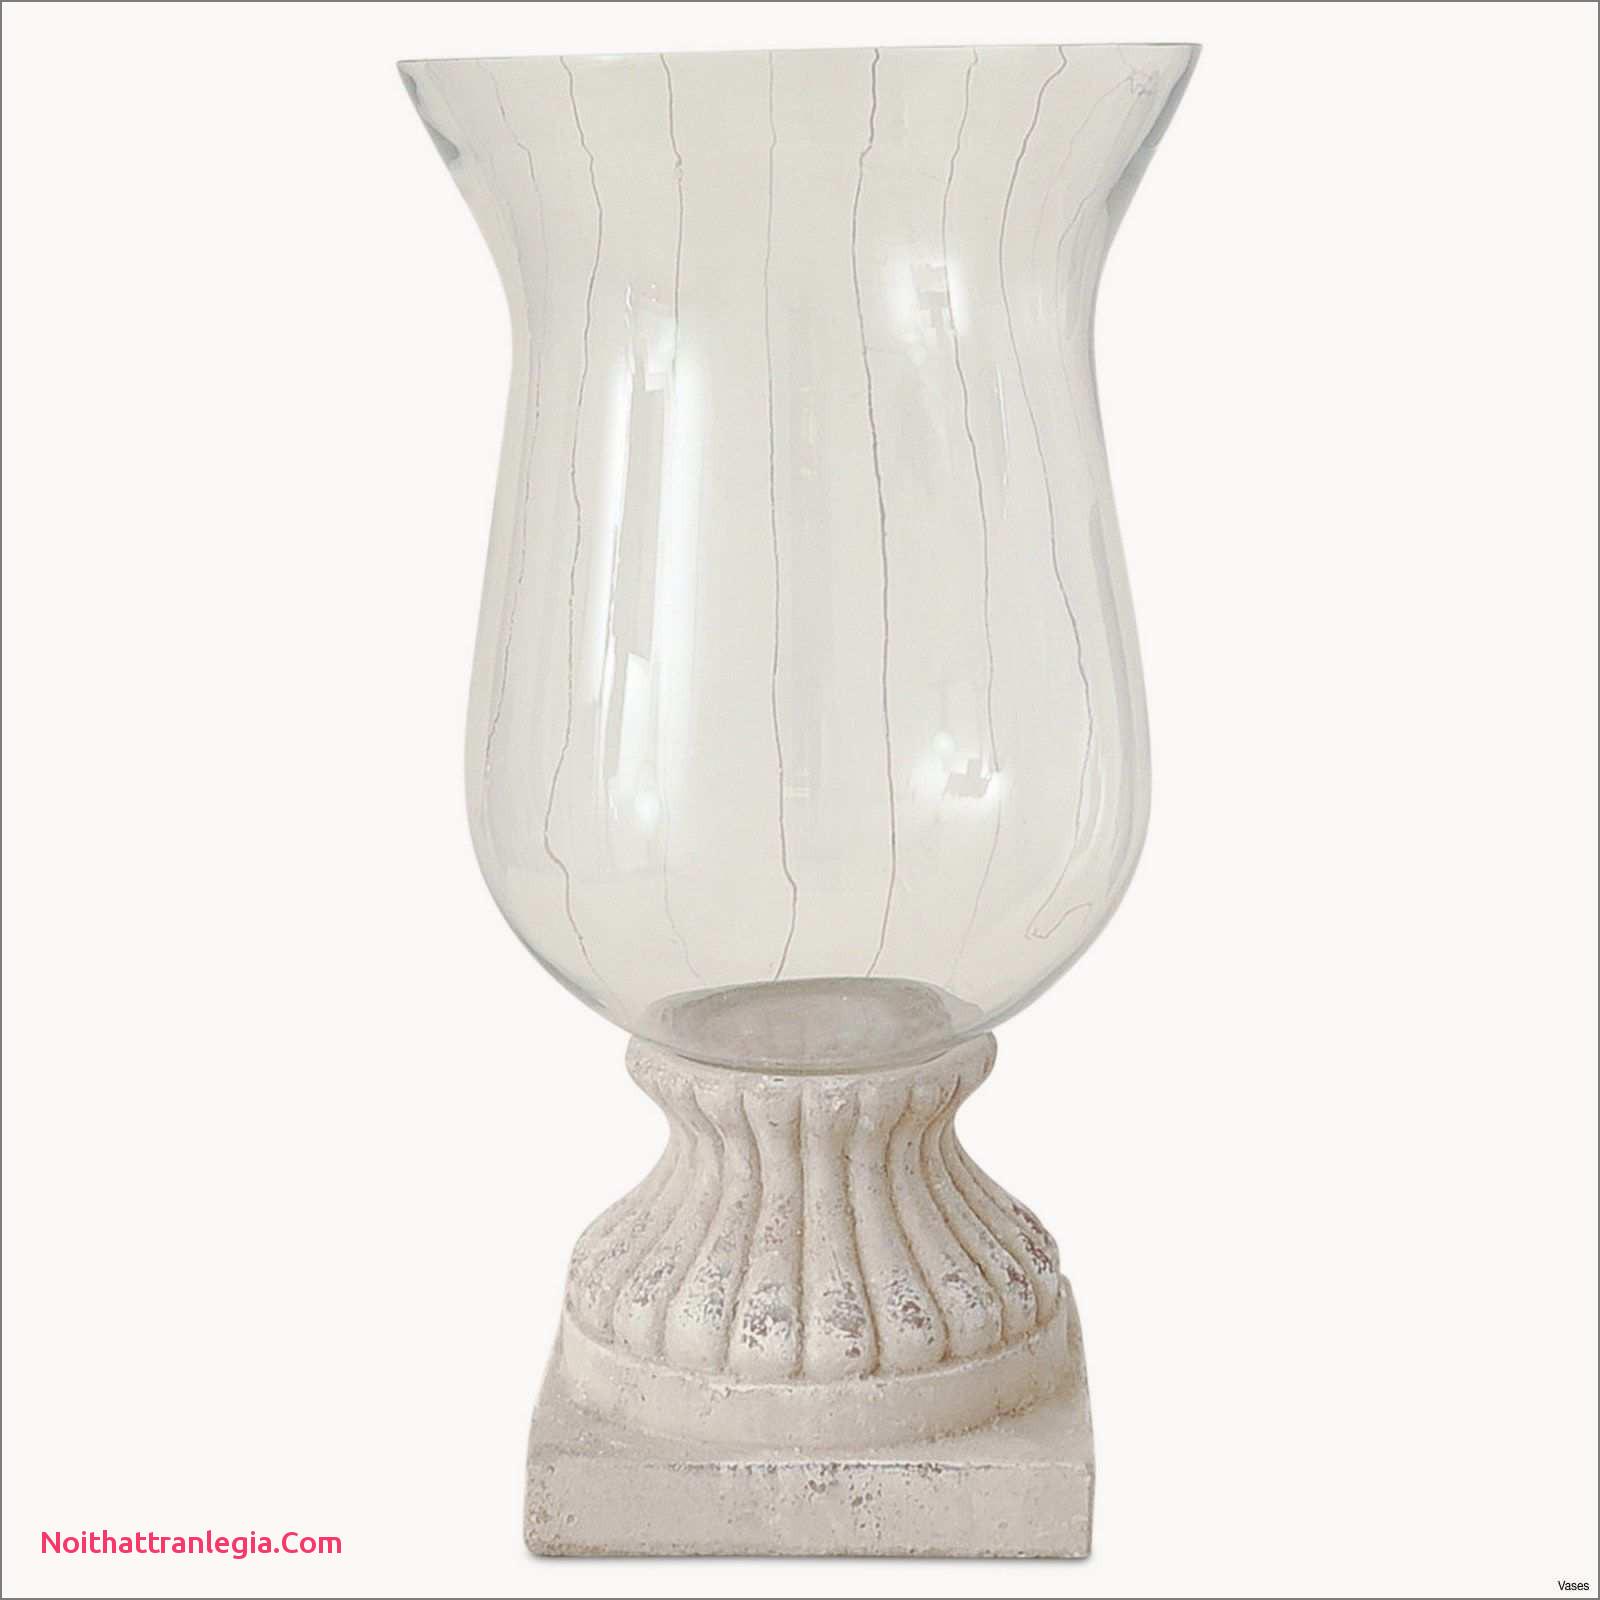 glass column vase of 20 how to make mercury glass vases noithattranlegia vases design regarding vase lighting base gallery gold table lamp base fresh how to make a table lamp 10h